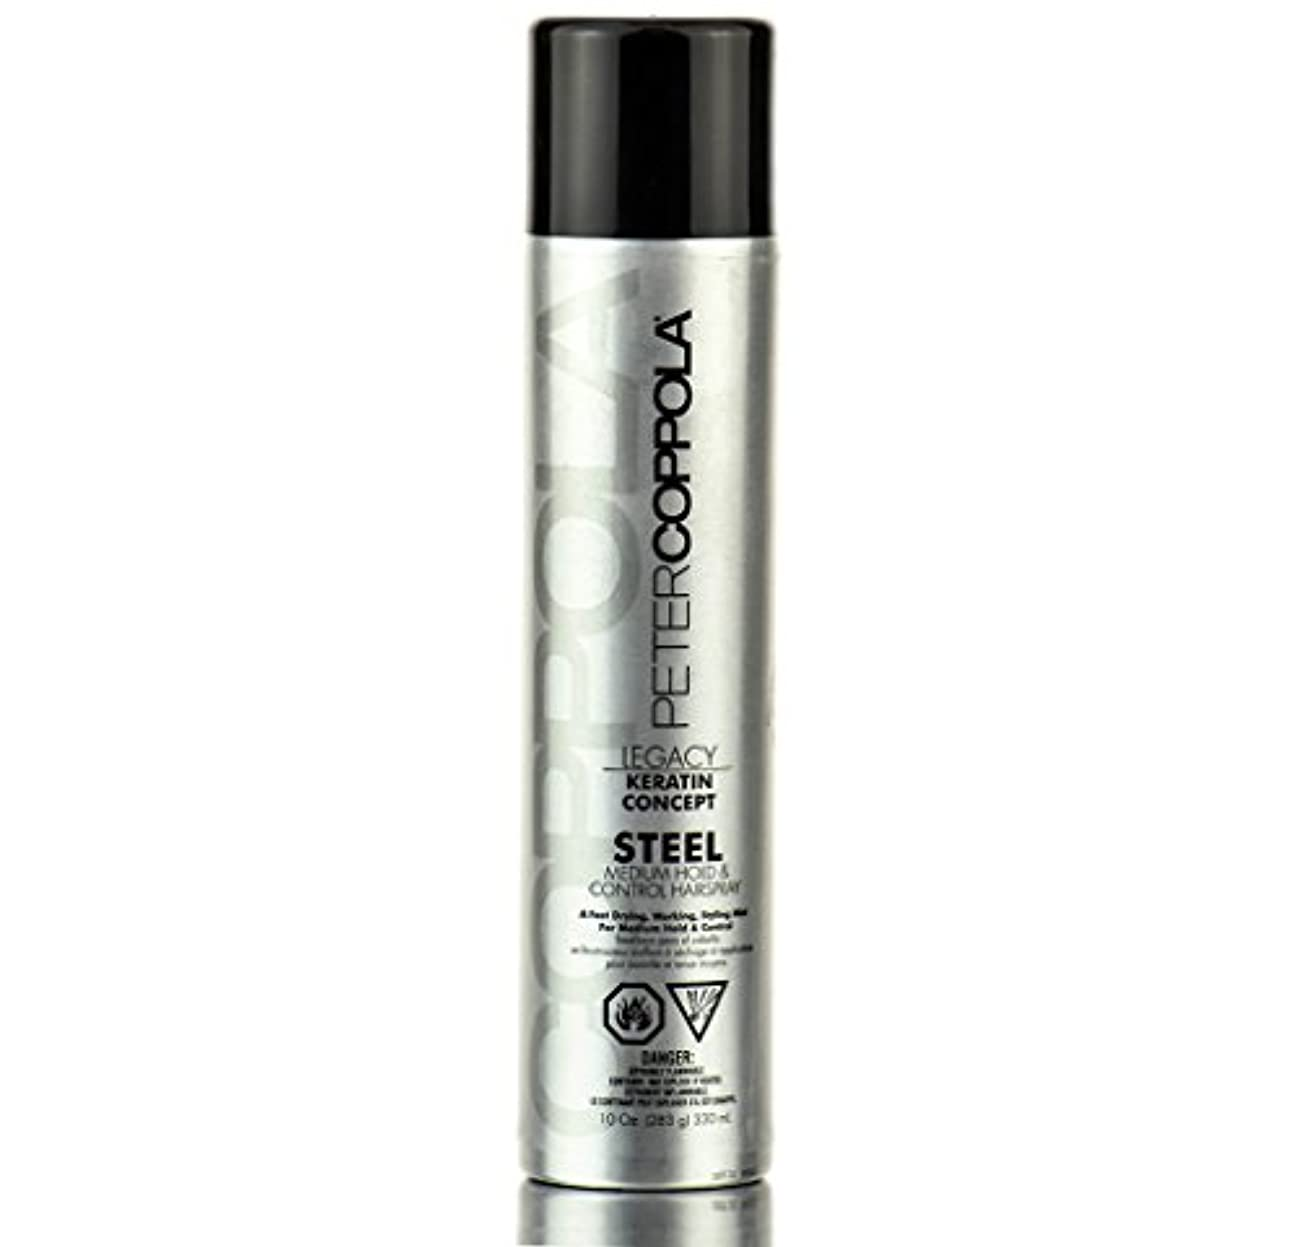 申し込む広げる組み込むPeter Coppola スチールヘアスプレー - 軽量、ミディアムホールド、柔軟なホールドは、スタイリングヘアボリューム&スタイリングのすべての髪のタイプを追加するための10オンスミディアムシャインスプレー medium_hold